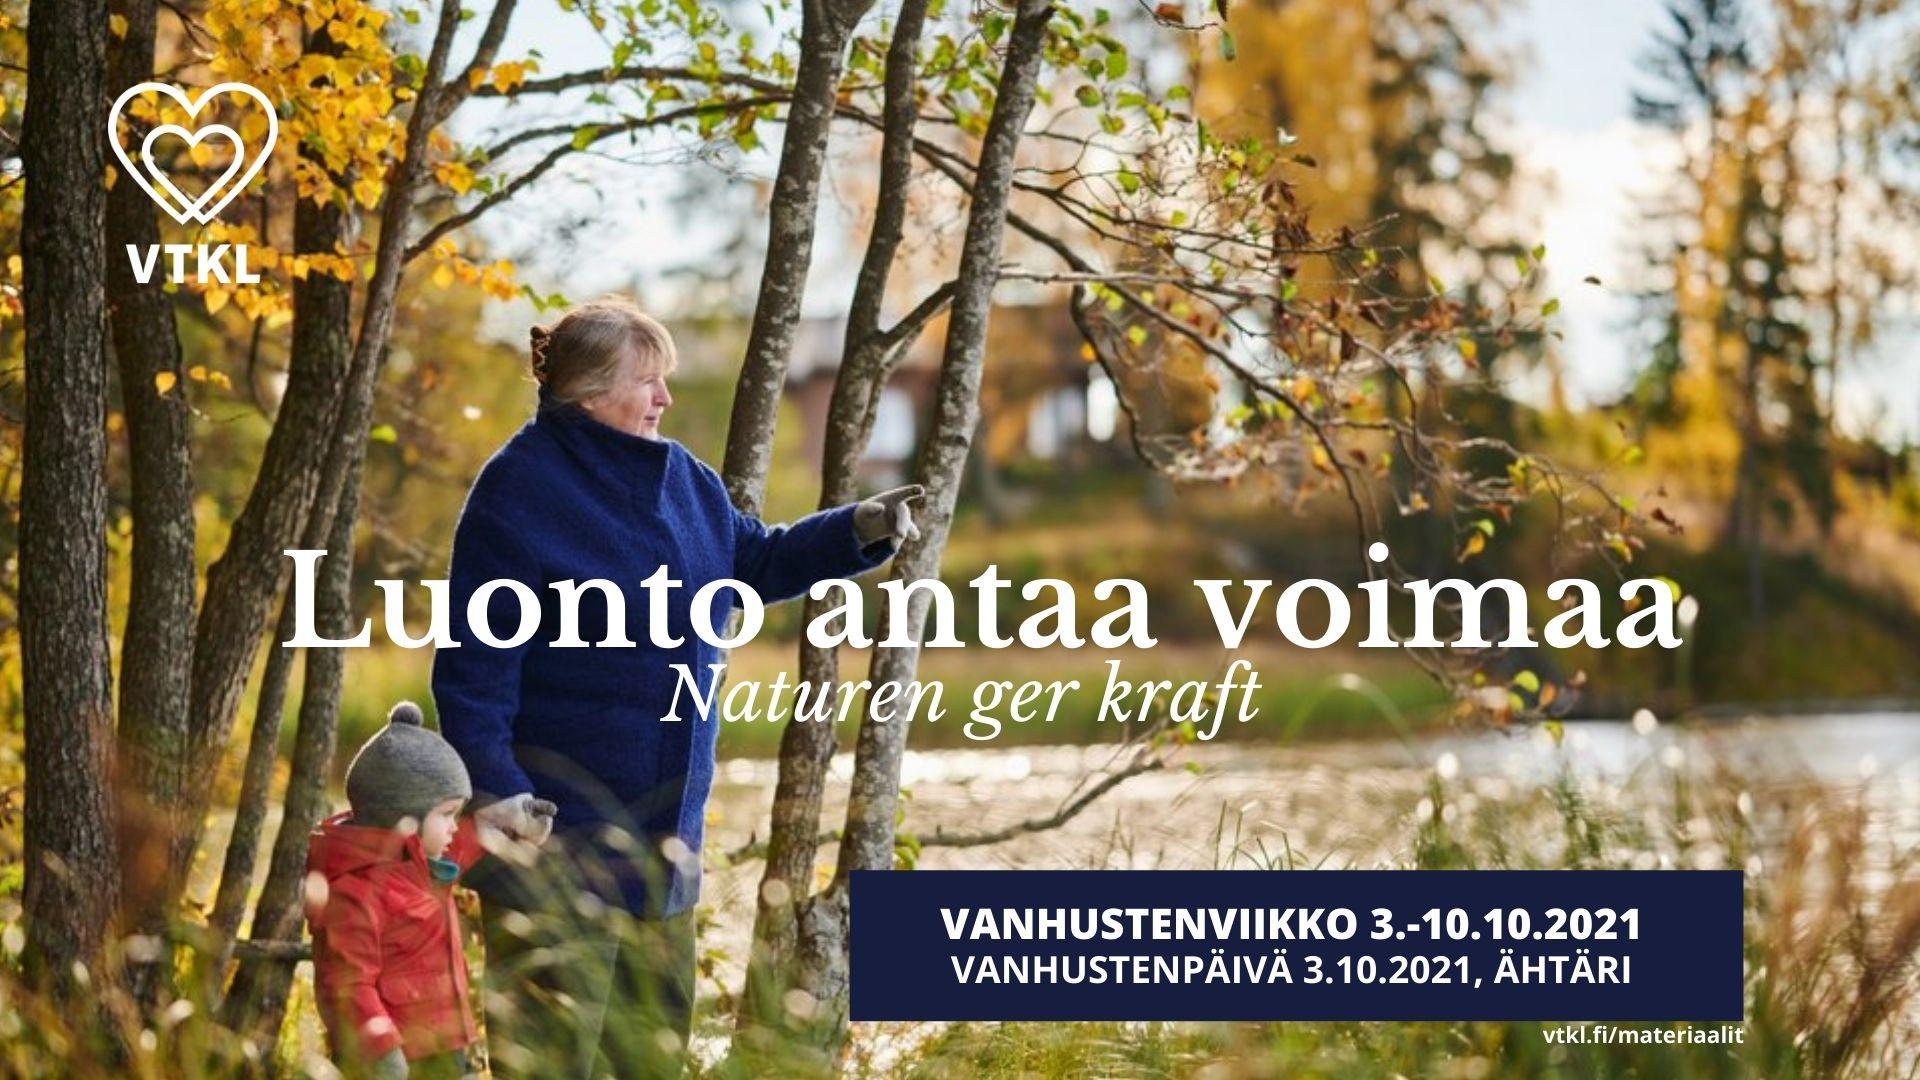 Luonto antaa voimaa, Vanhustenviikko. Isoäiti lapsen kanssa syksyisen lammen rannalla.